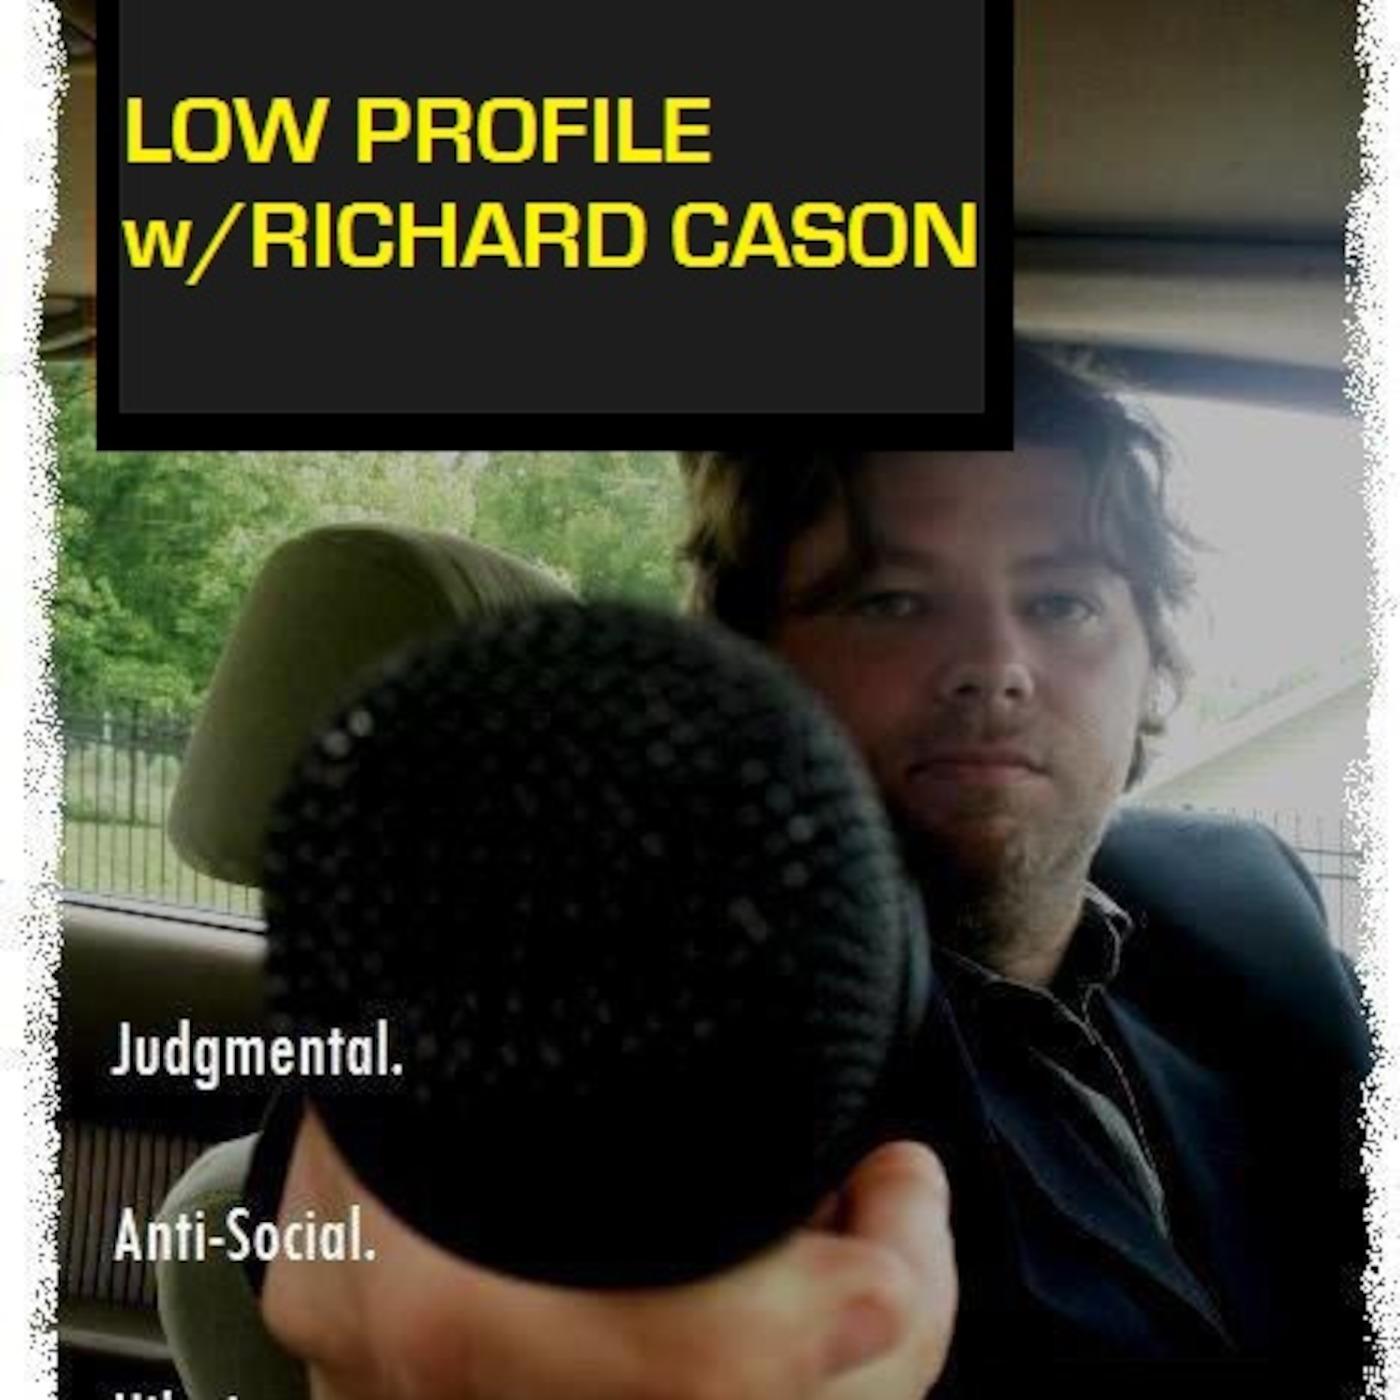 LOW PROFILE w/RICHARD CASON